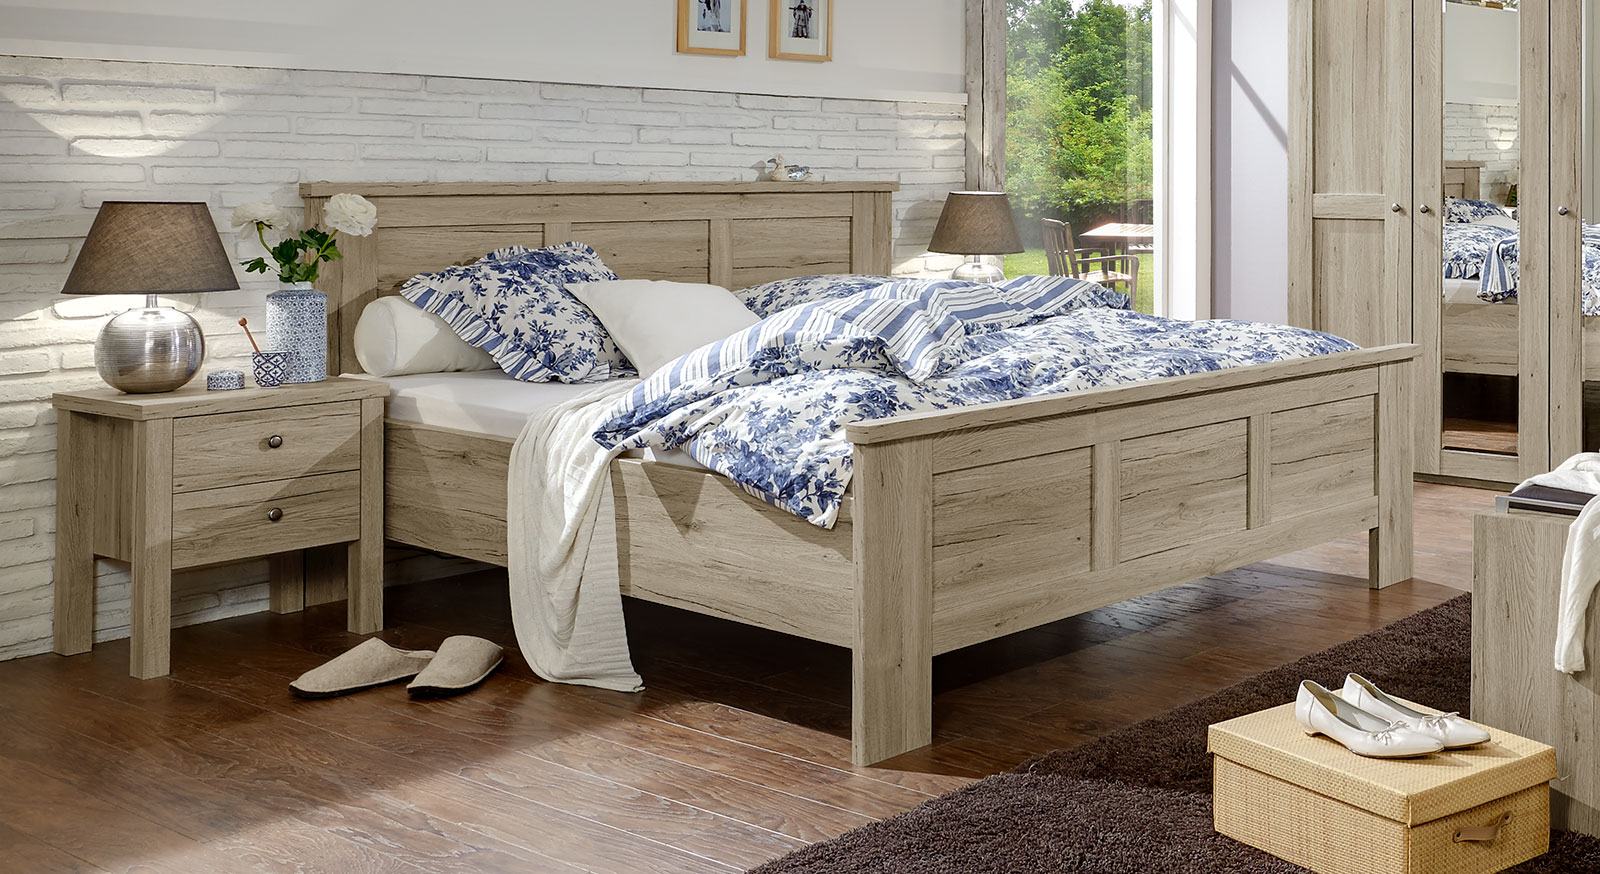 Doppelbett in Eiche-Dekor mit hohem Kopfteil und Fußteil - Catio